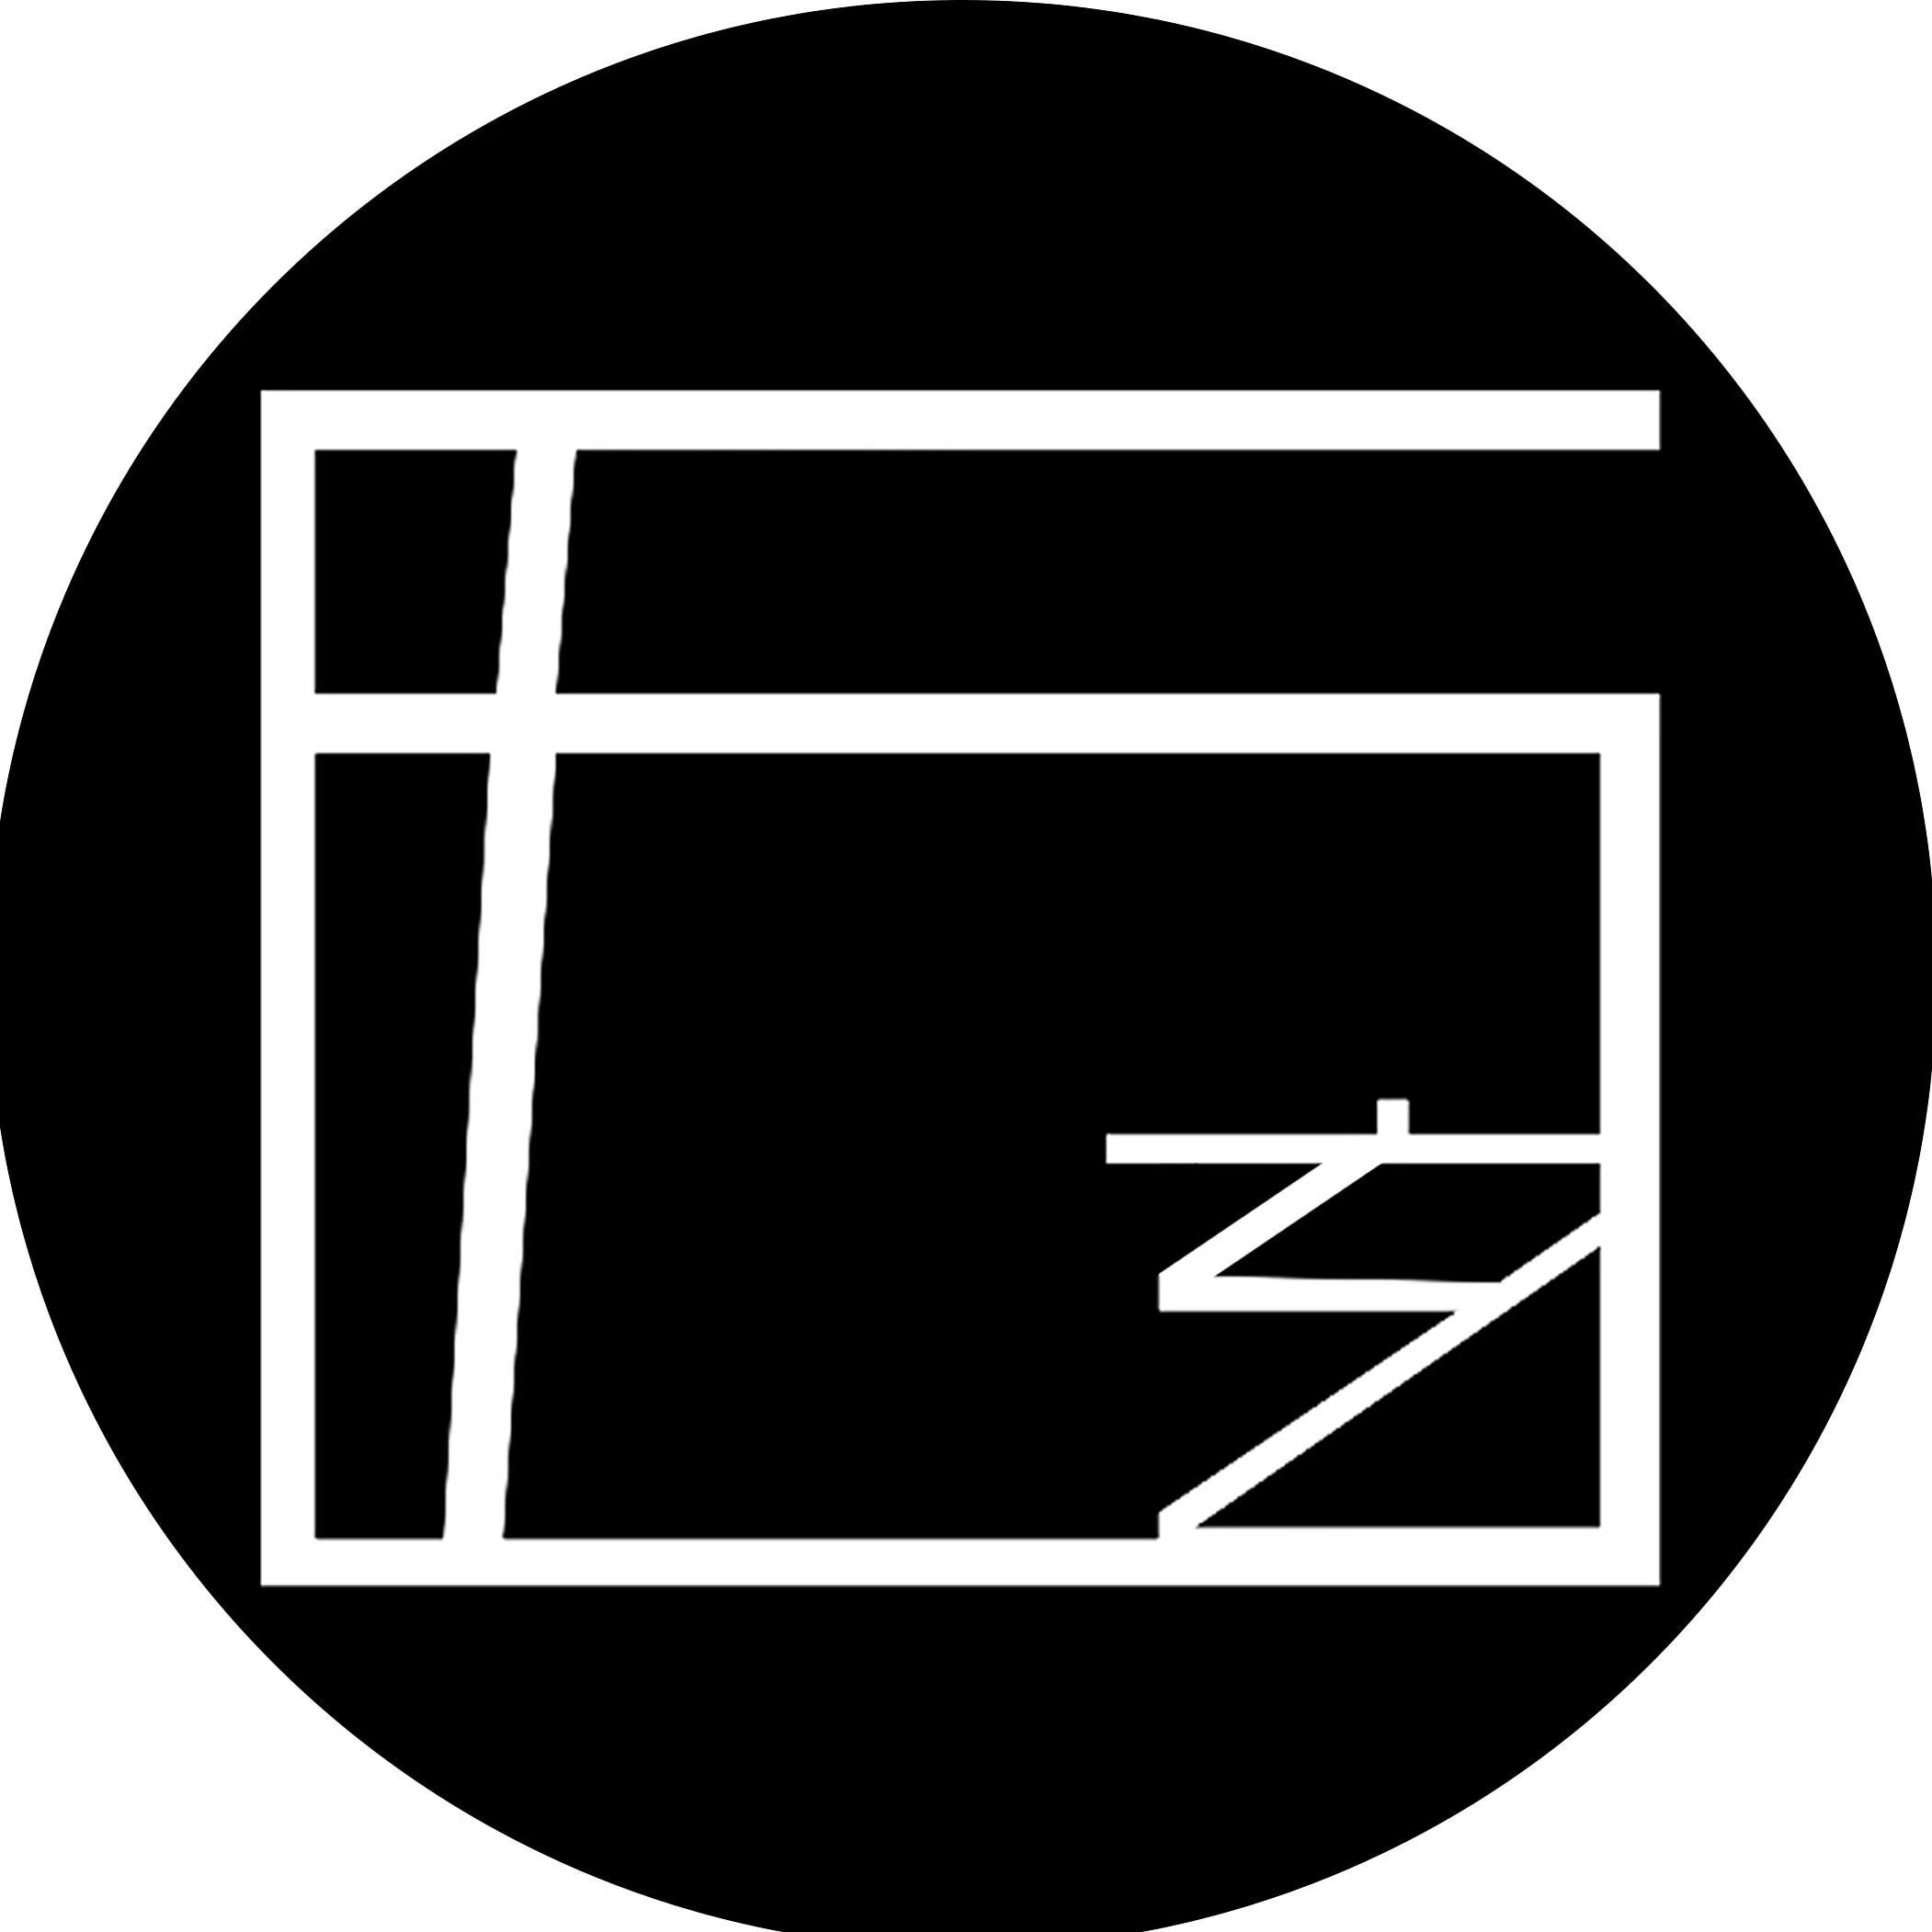 Go to 五玄土 ORIENTO's profile